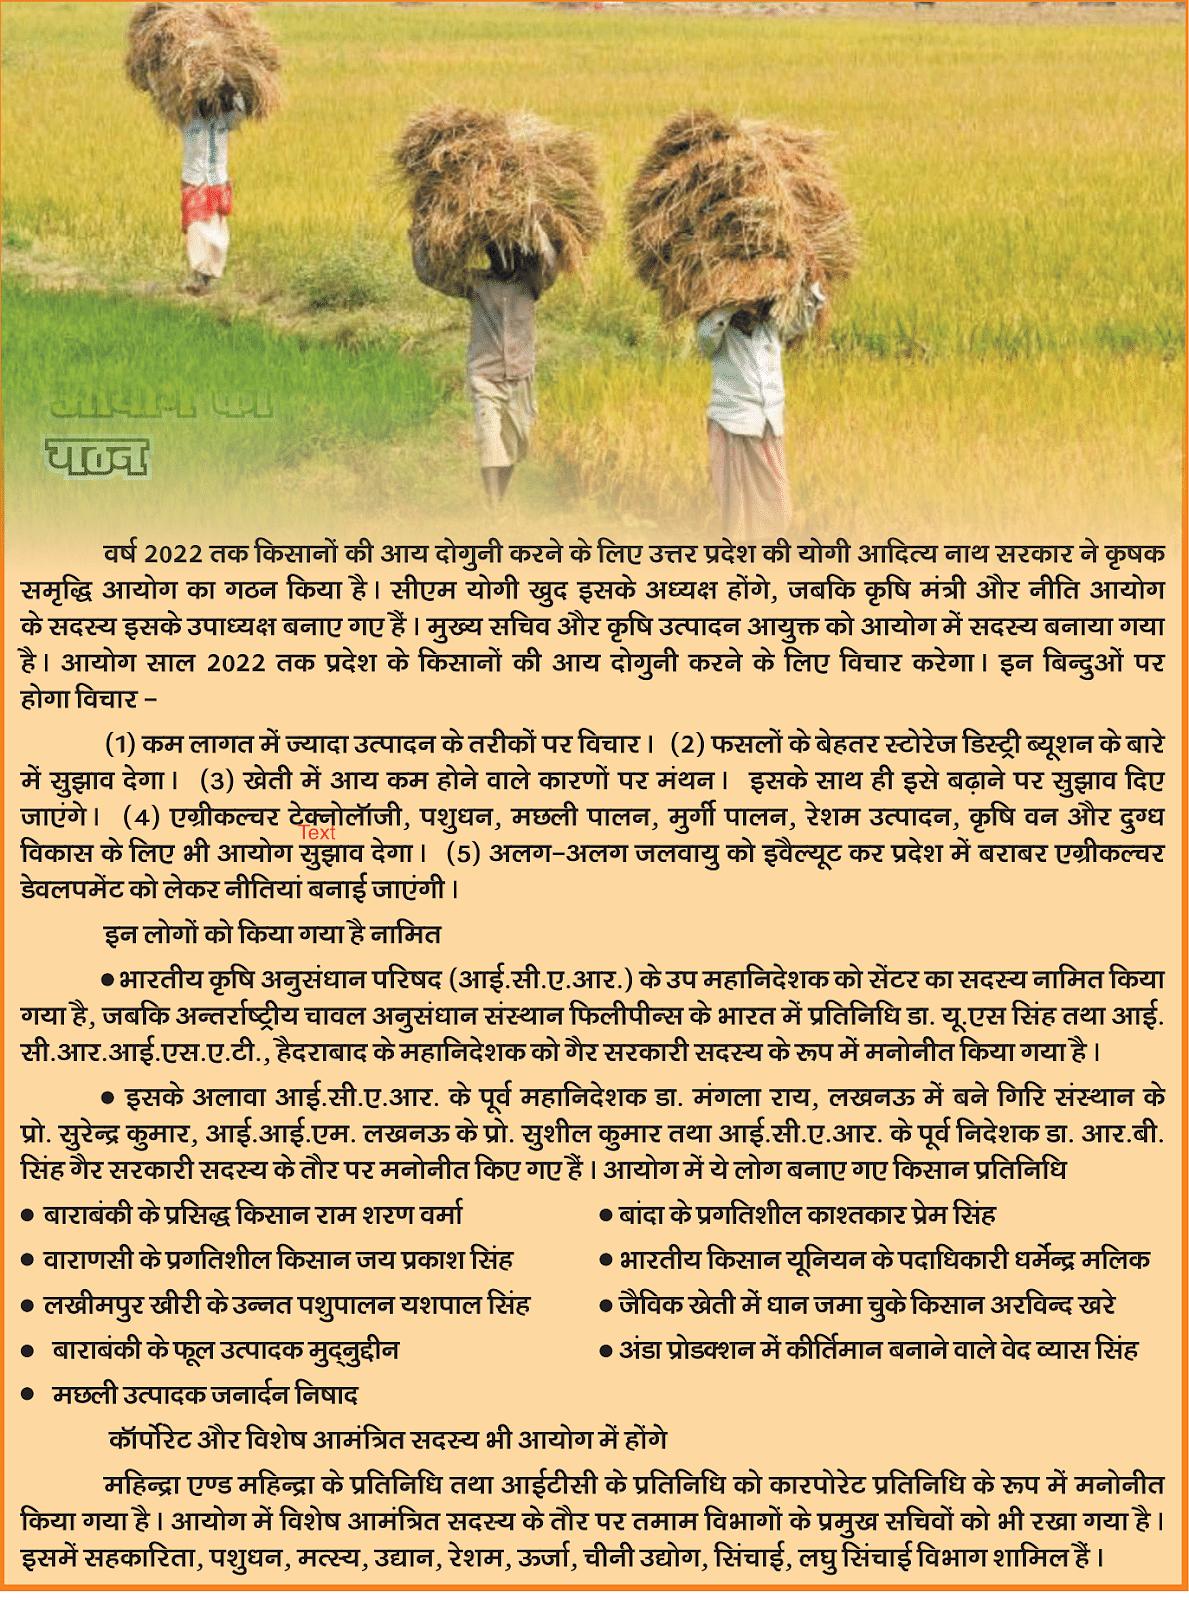 संदेश पत्रिका में कृषि समृद्धि आयोग के बारे में छपी जानकारी